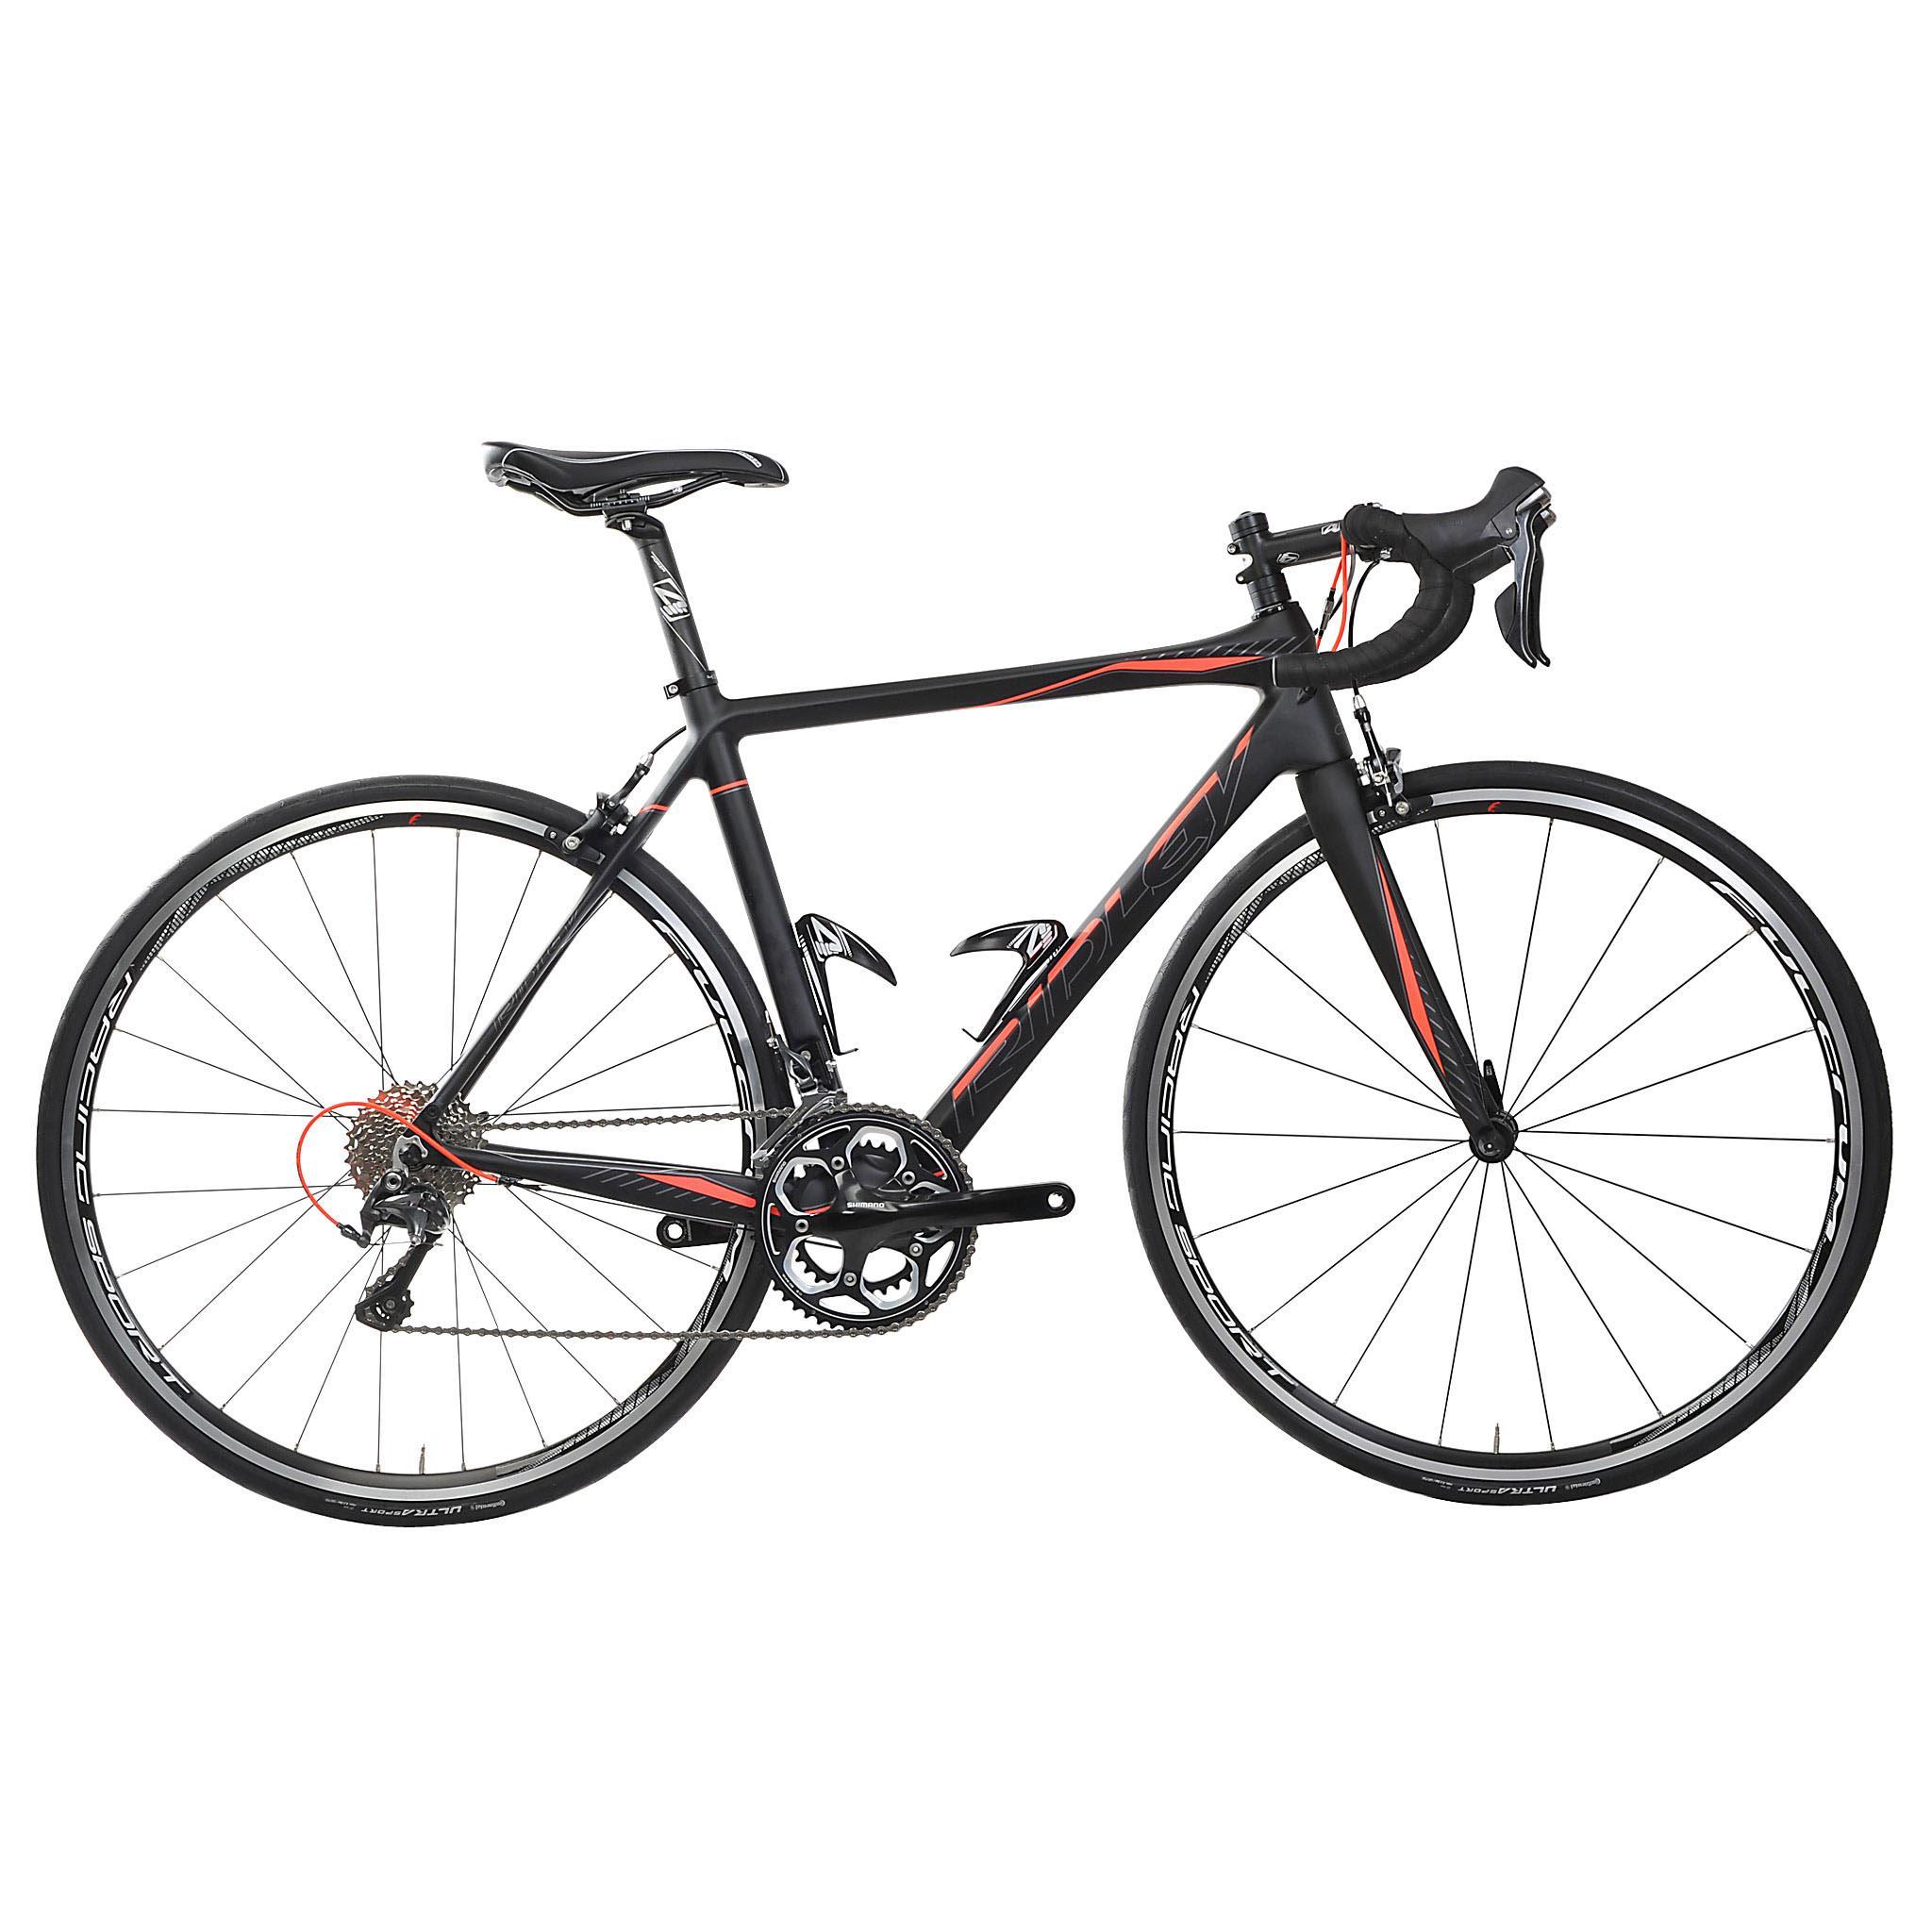 cd517221ea Vélo de Course Ridley Fenix Carbon Start To Ride Shimano Ultegra 6800 34 50  2015 – Dealabs.com